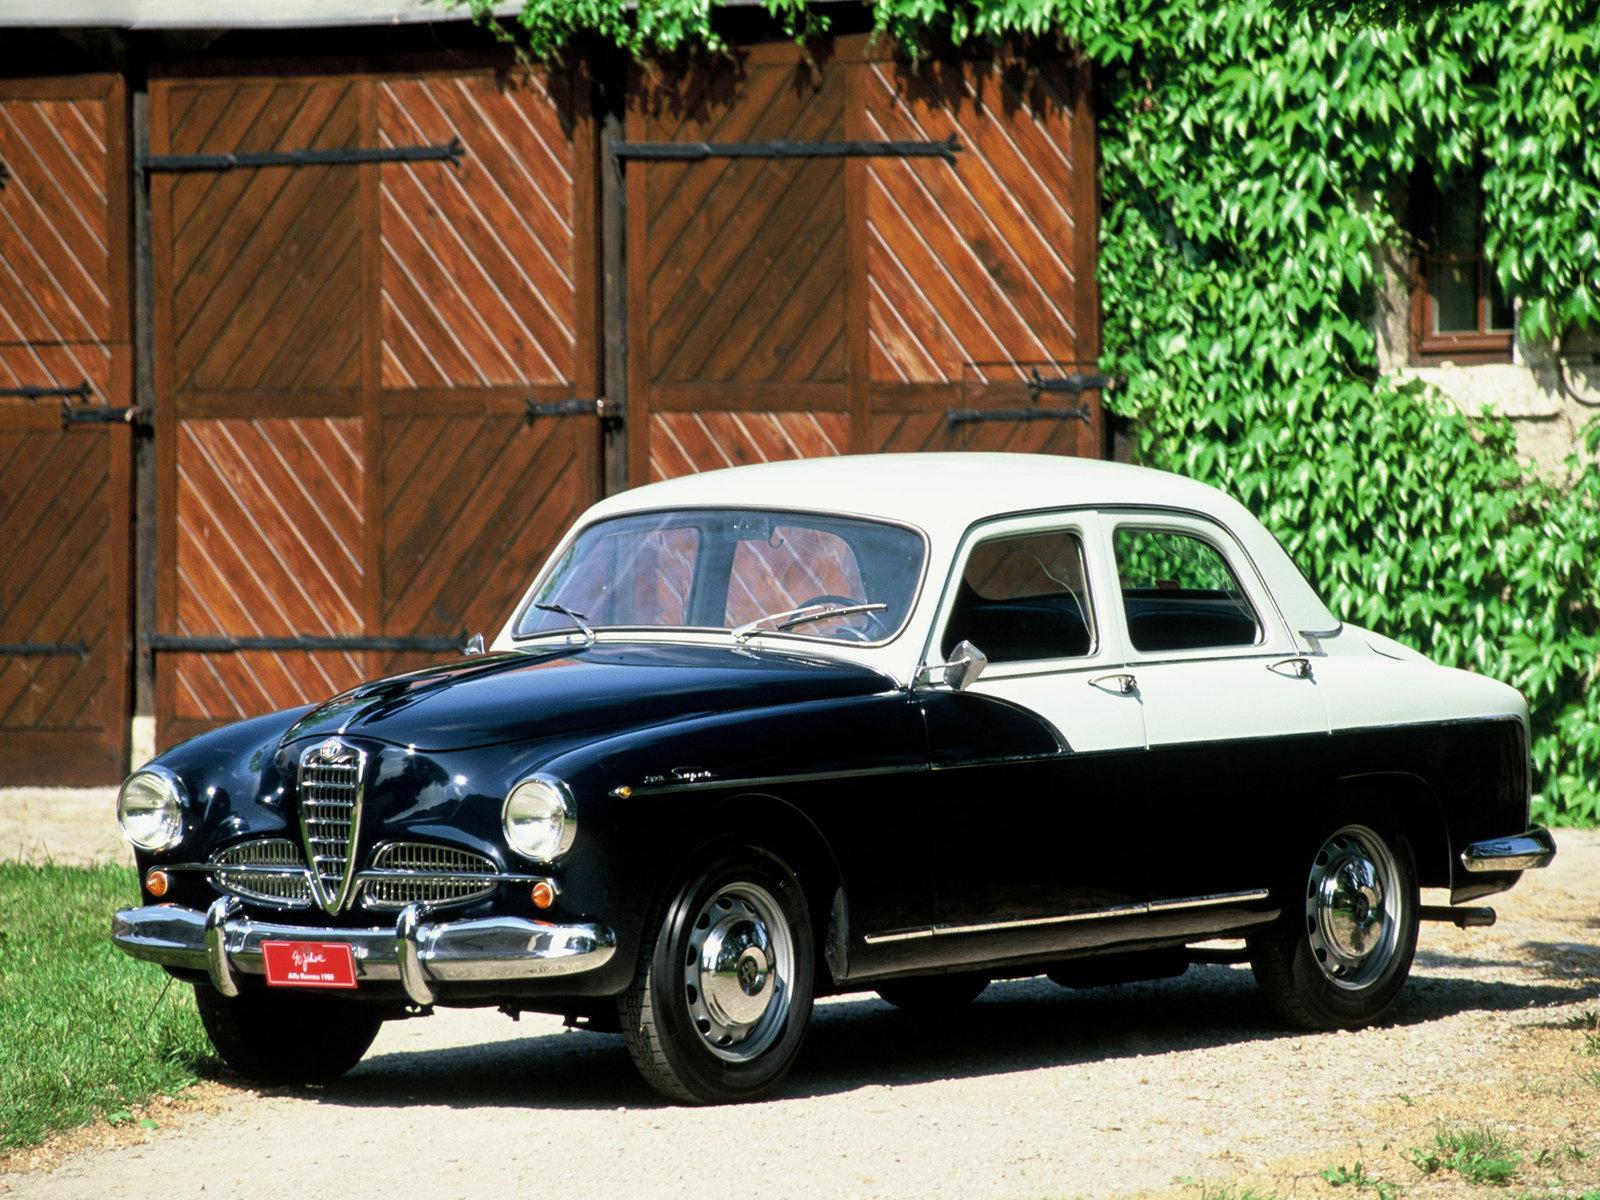 Alfa Romeo 1900 1950 - 1959 Sedan #1